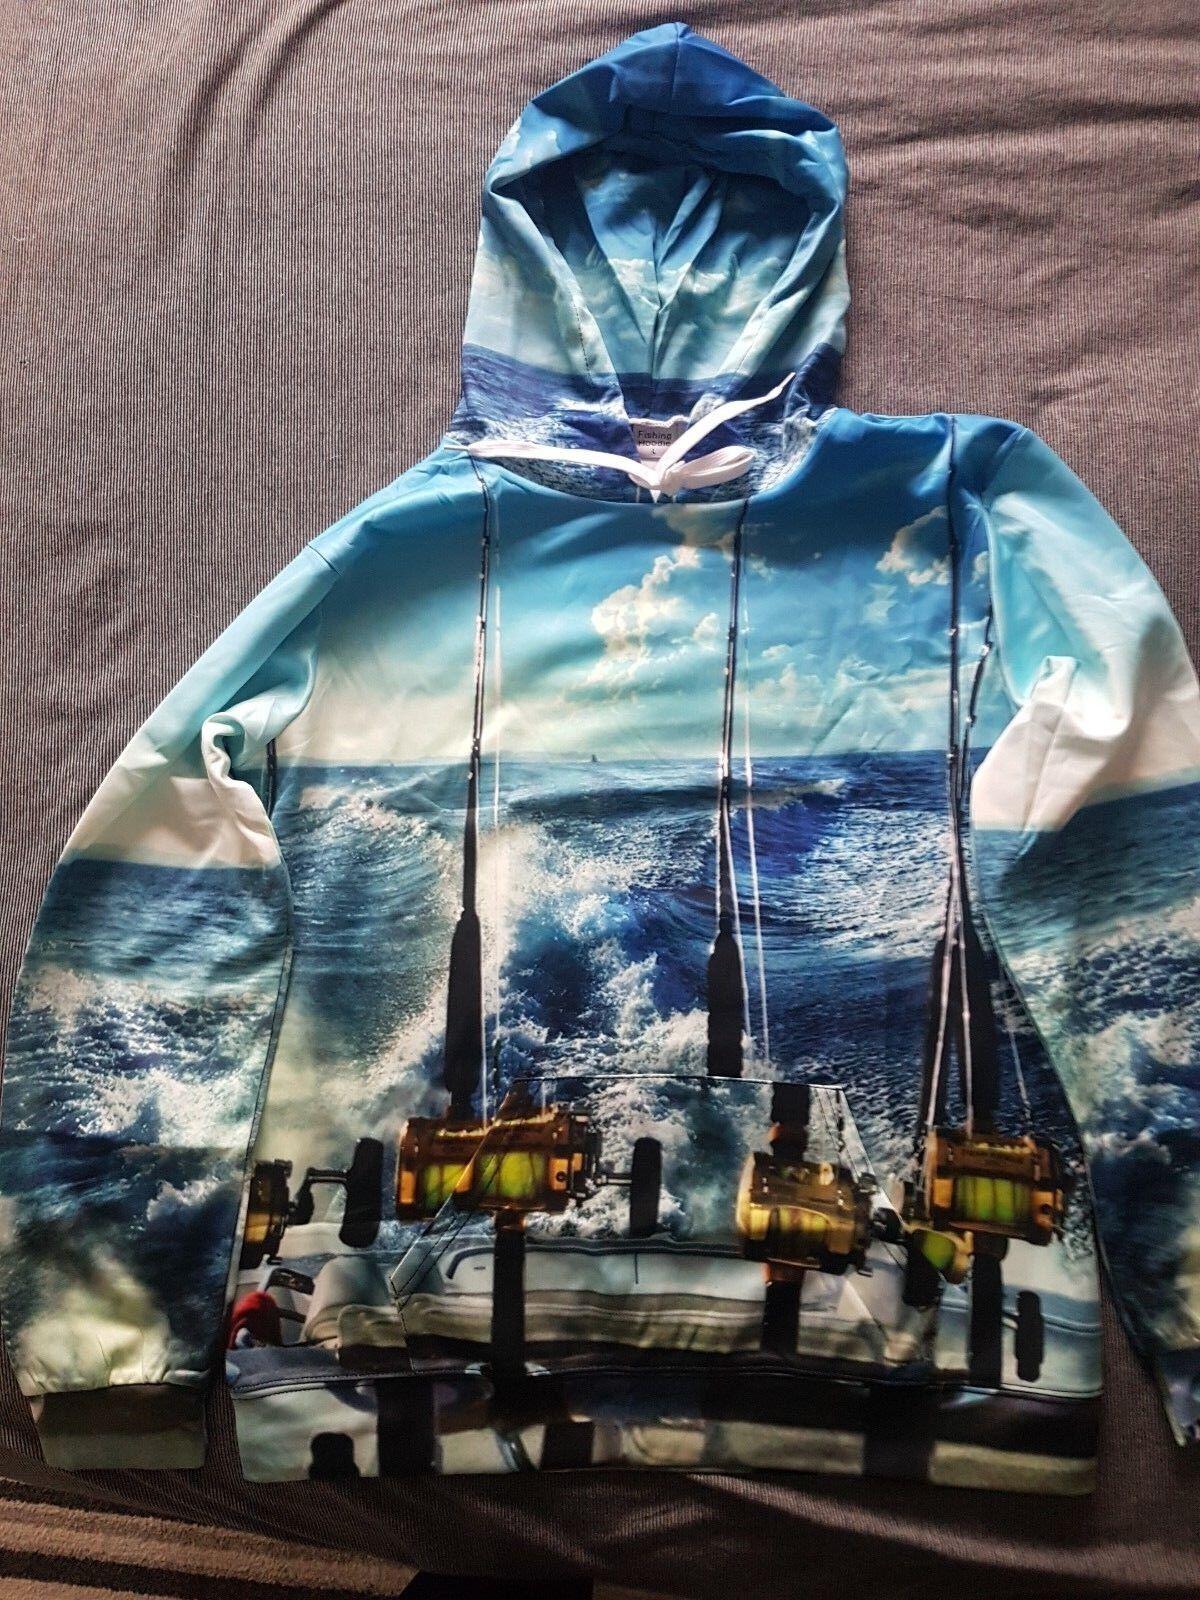 MARLIN Pullover Felpa con cappuccio PESCA DEL TONNO BIG GAME Pullover MARLIN Leggero Mare Penn Mulinello Barca Nuovo 64001a